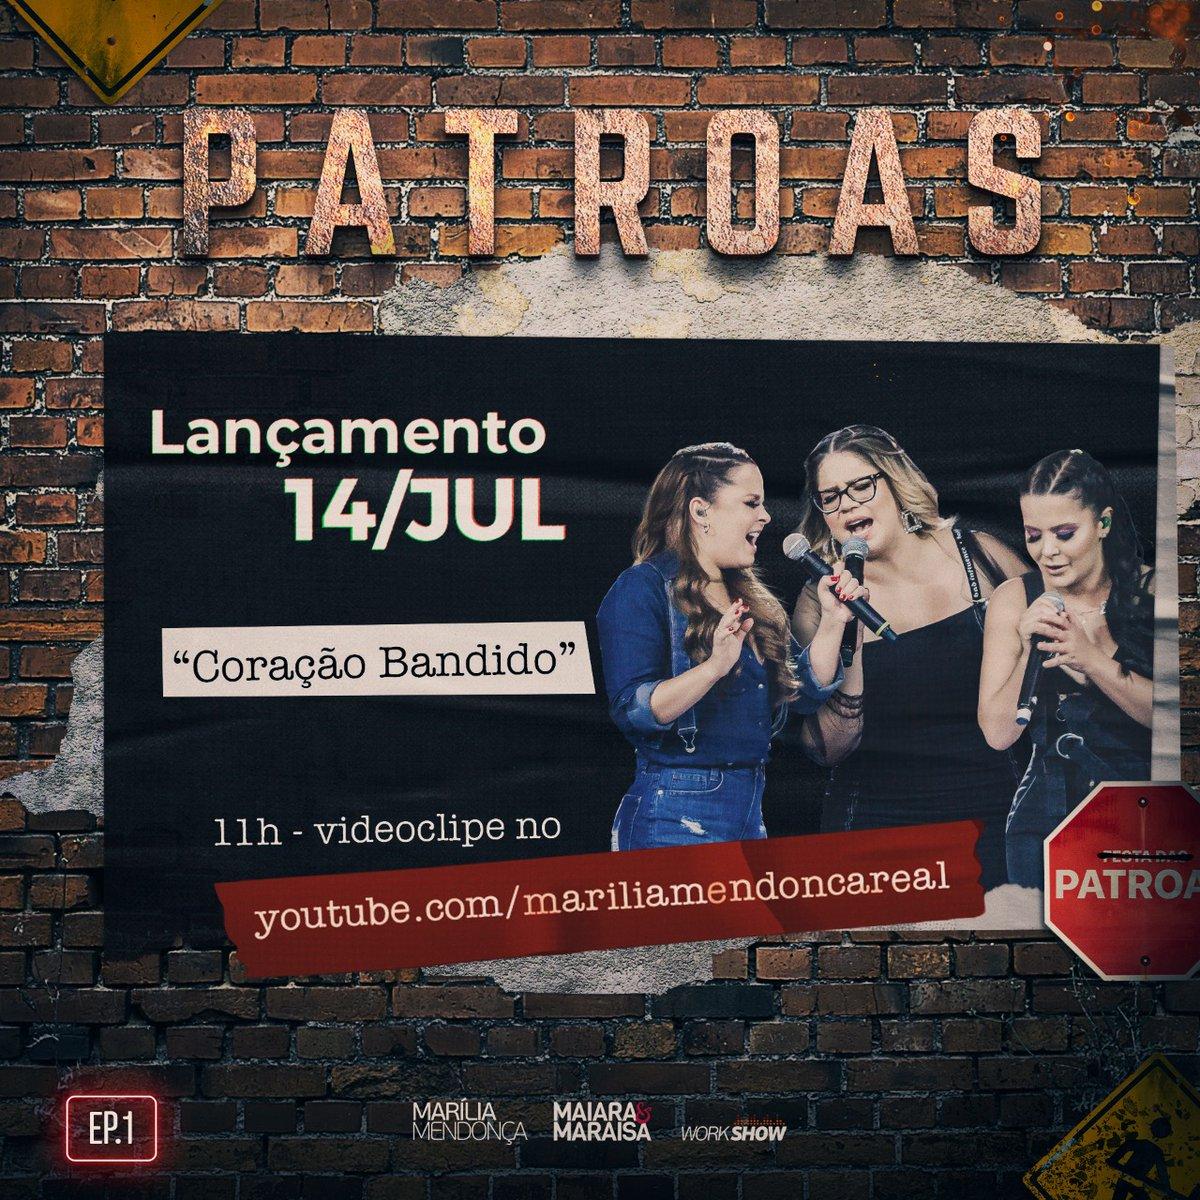 Dia 14/07 tem mais um lançamento do nosso EP1 das @patroas ...🙌🏼 Confira o videoclipe de #CoracaoBandido no canal da @mariliamendoncacantora no YouTube... Às 11h!💥💥 Seguuuura!!!💃🏻💃🏻💃🏼 #maiaraemaraisa #mariliamendonca #patroas #lancamento #sucesso #ep1